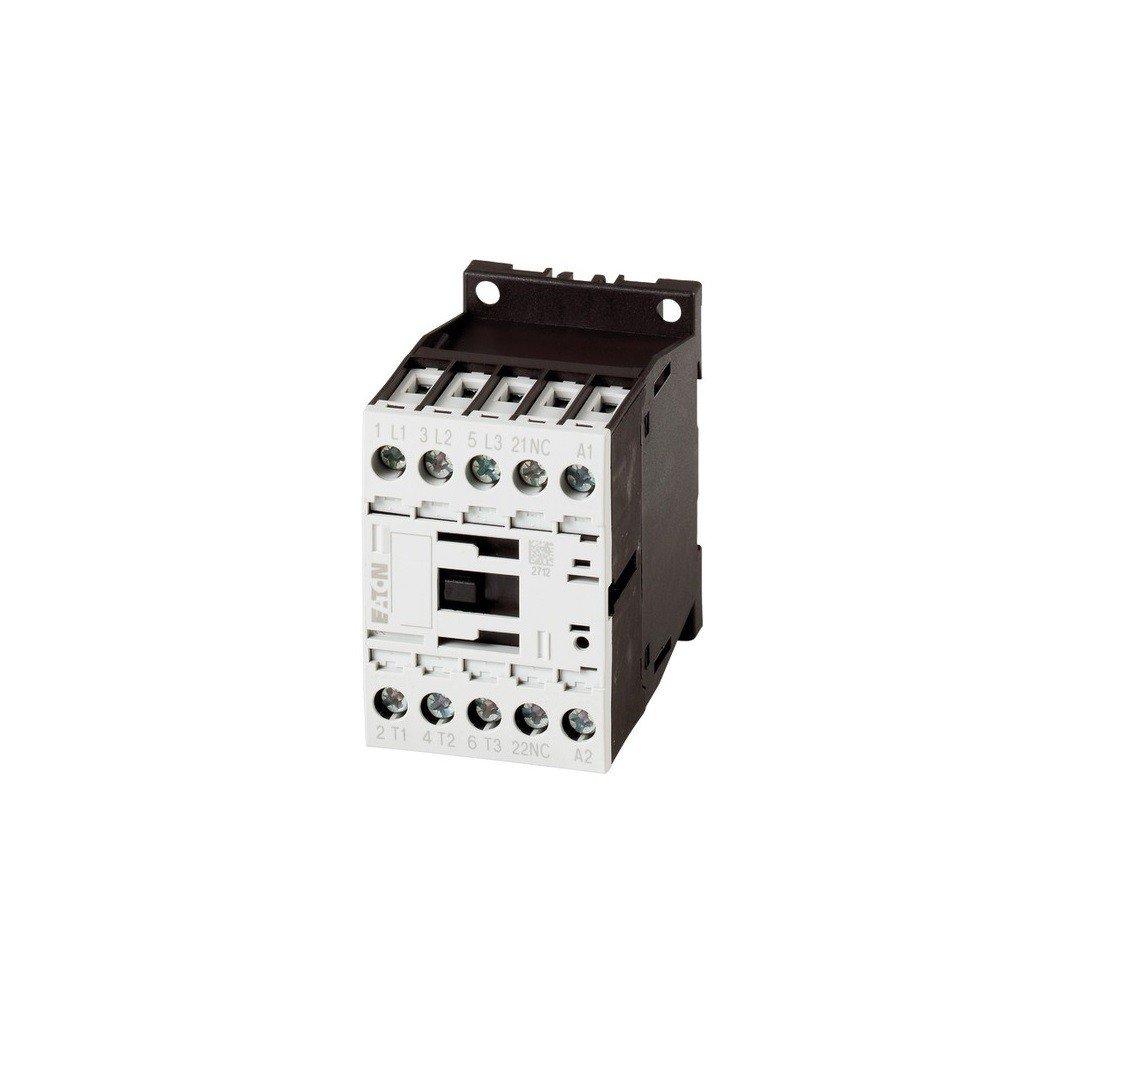 Eaton 290093 Leistungsschü tz, 3-polig + 1 Ö ffner, 7, 5 kW/400 V/AC3